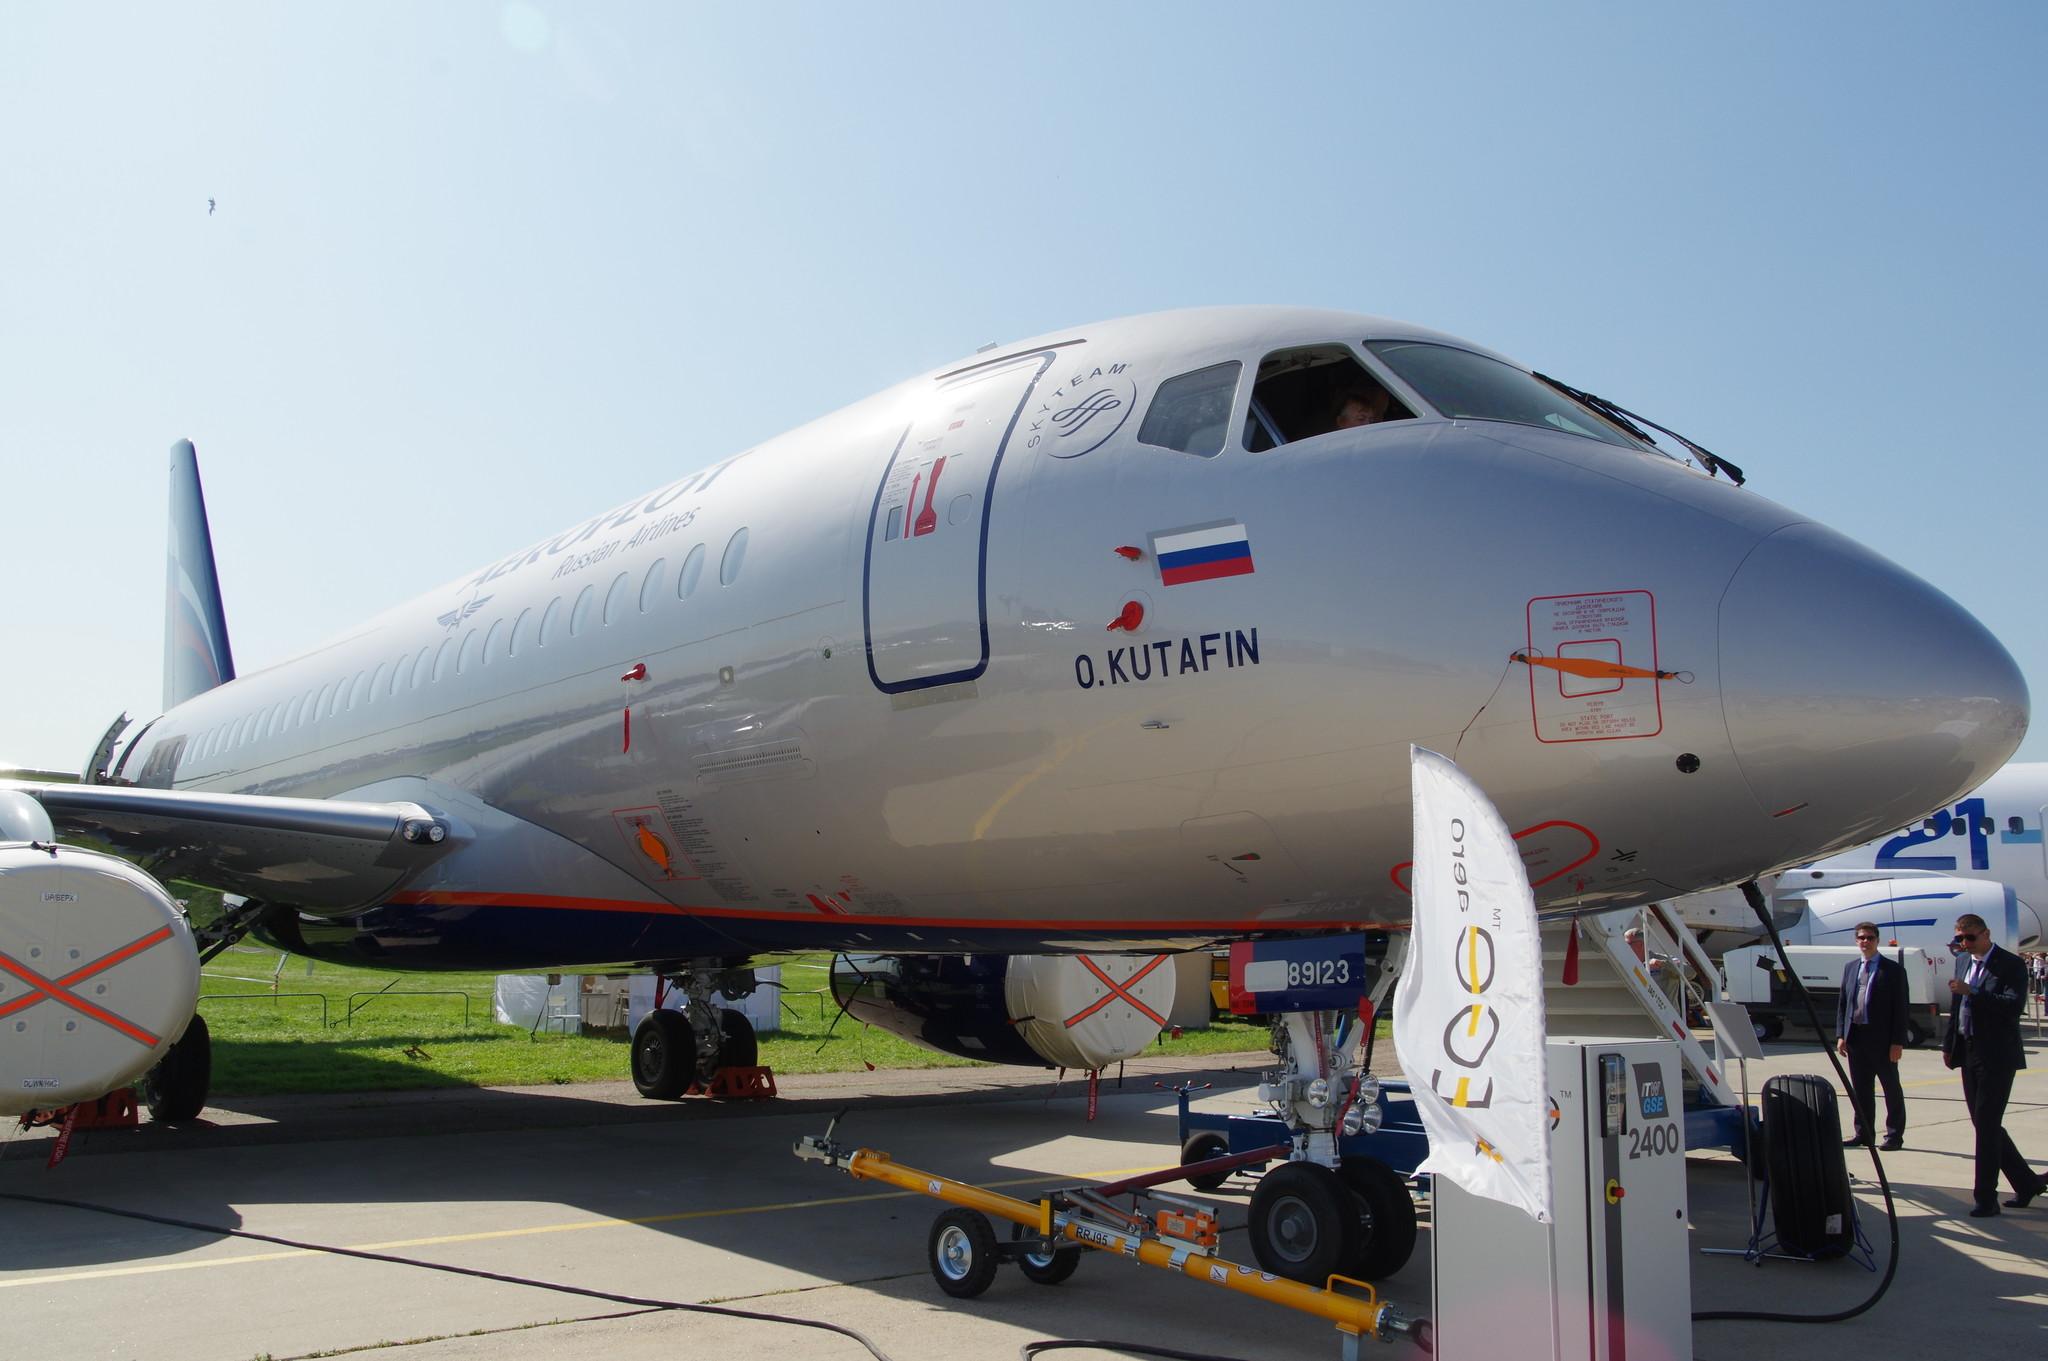 Ближнемагистральный узкофюзеляжный пассажирский самолёт Sukhoi Superjet 100